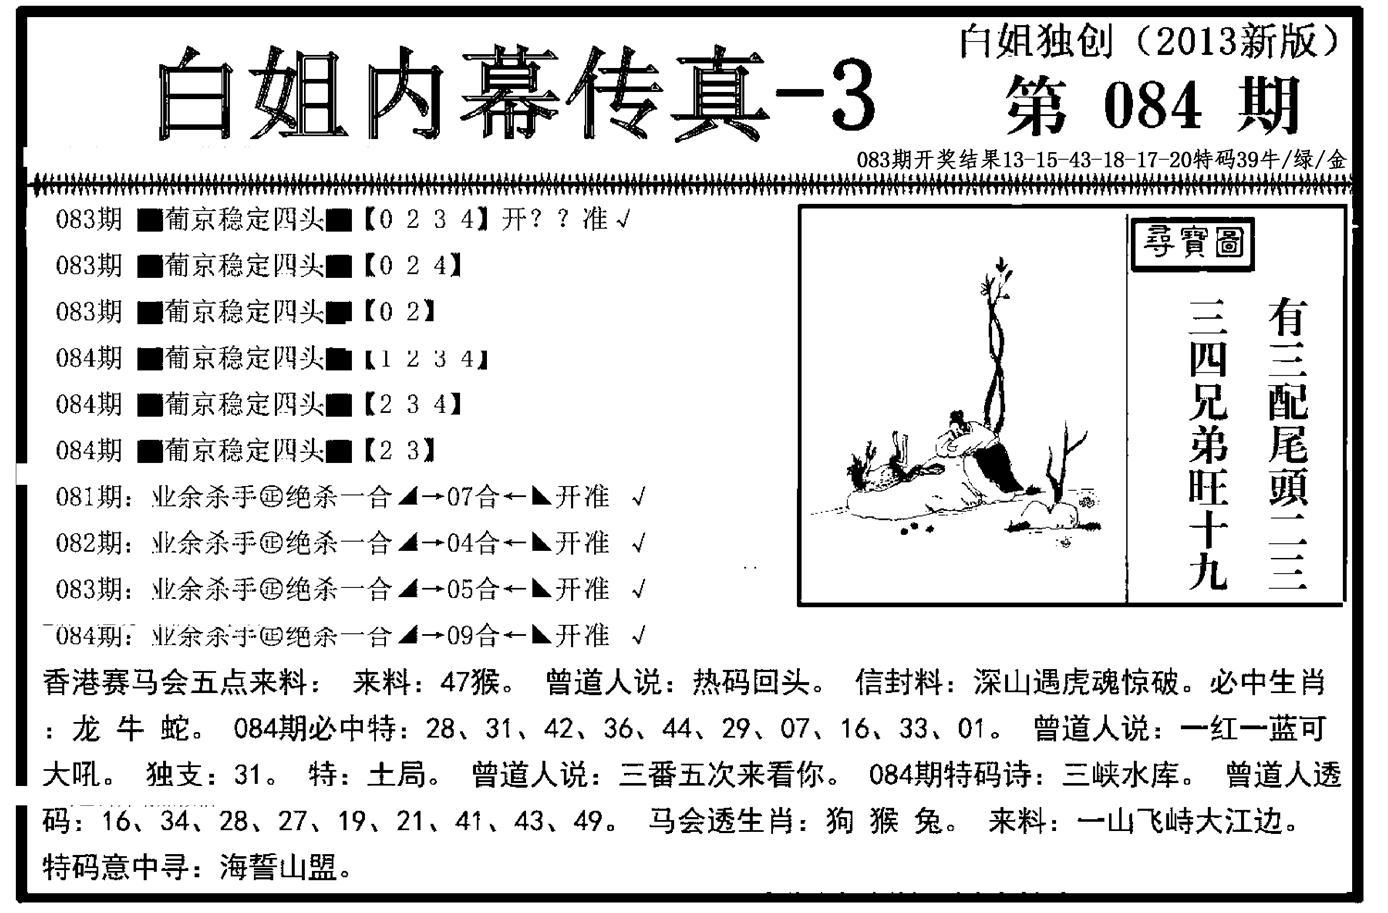 084期白姐内幕传真-3(黑白)